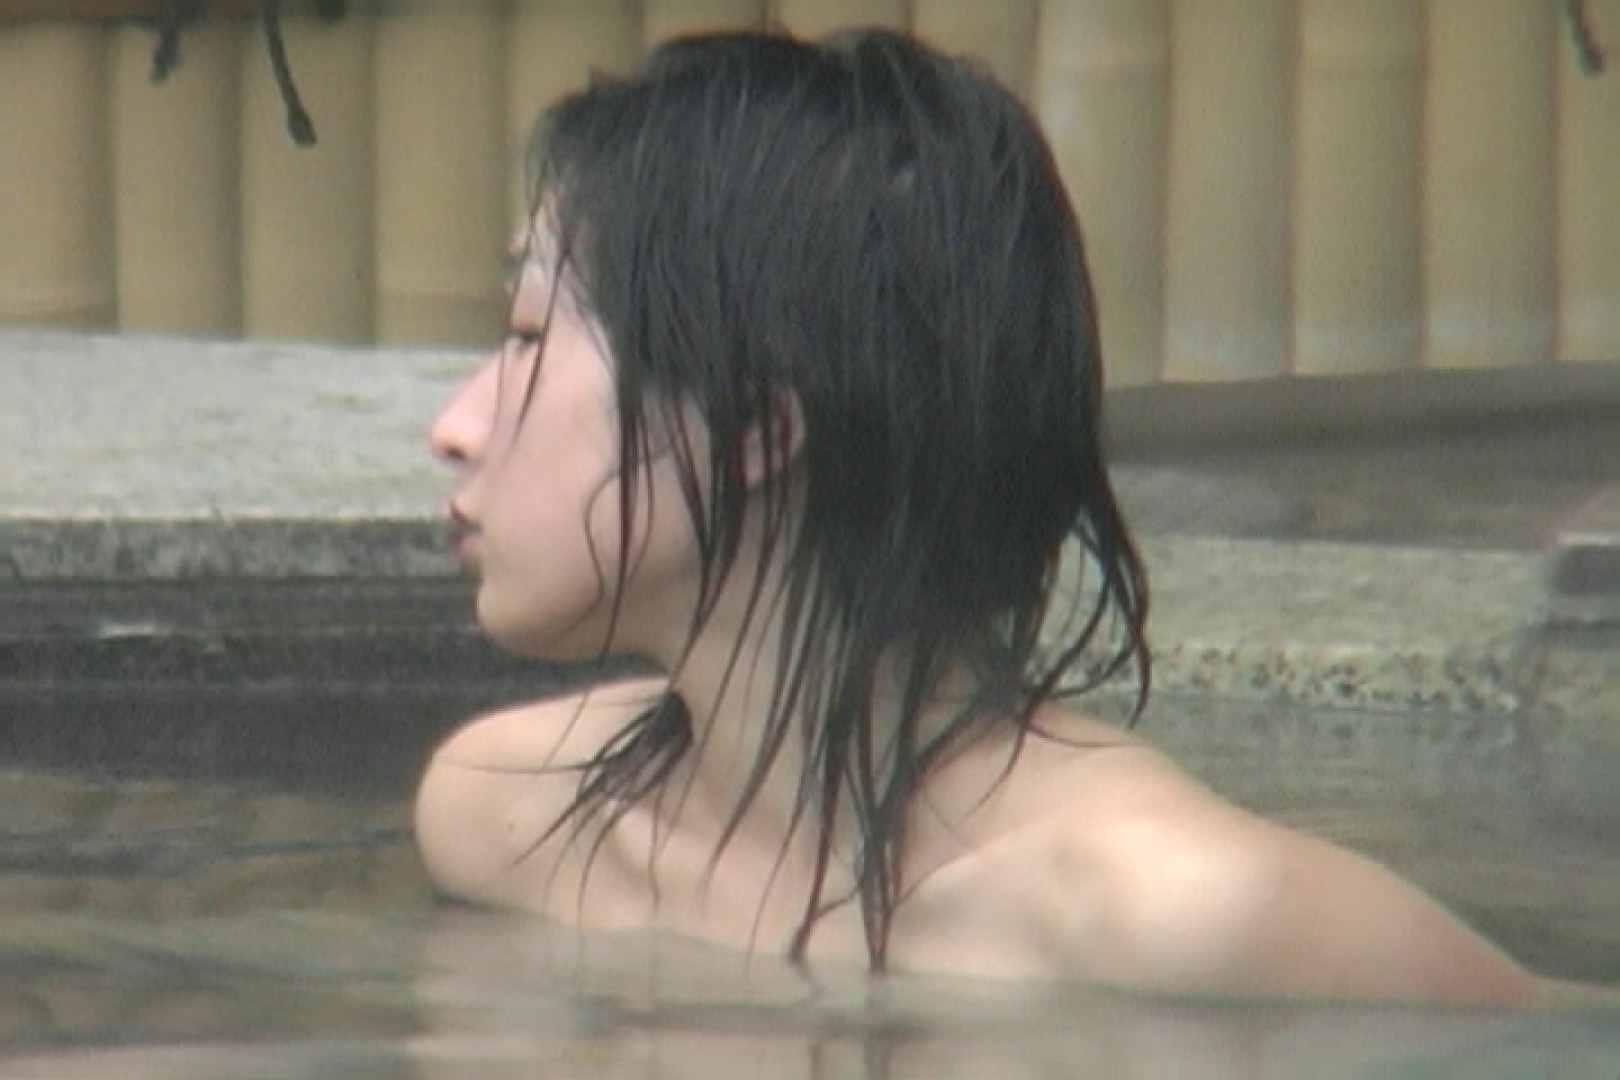 Aquaな露天風呂Vol.543 露天  68画像 60